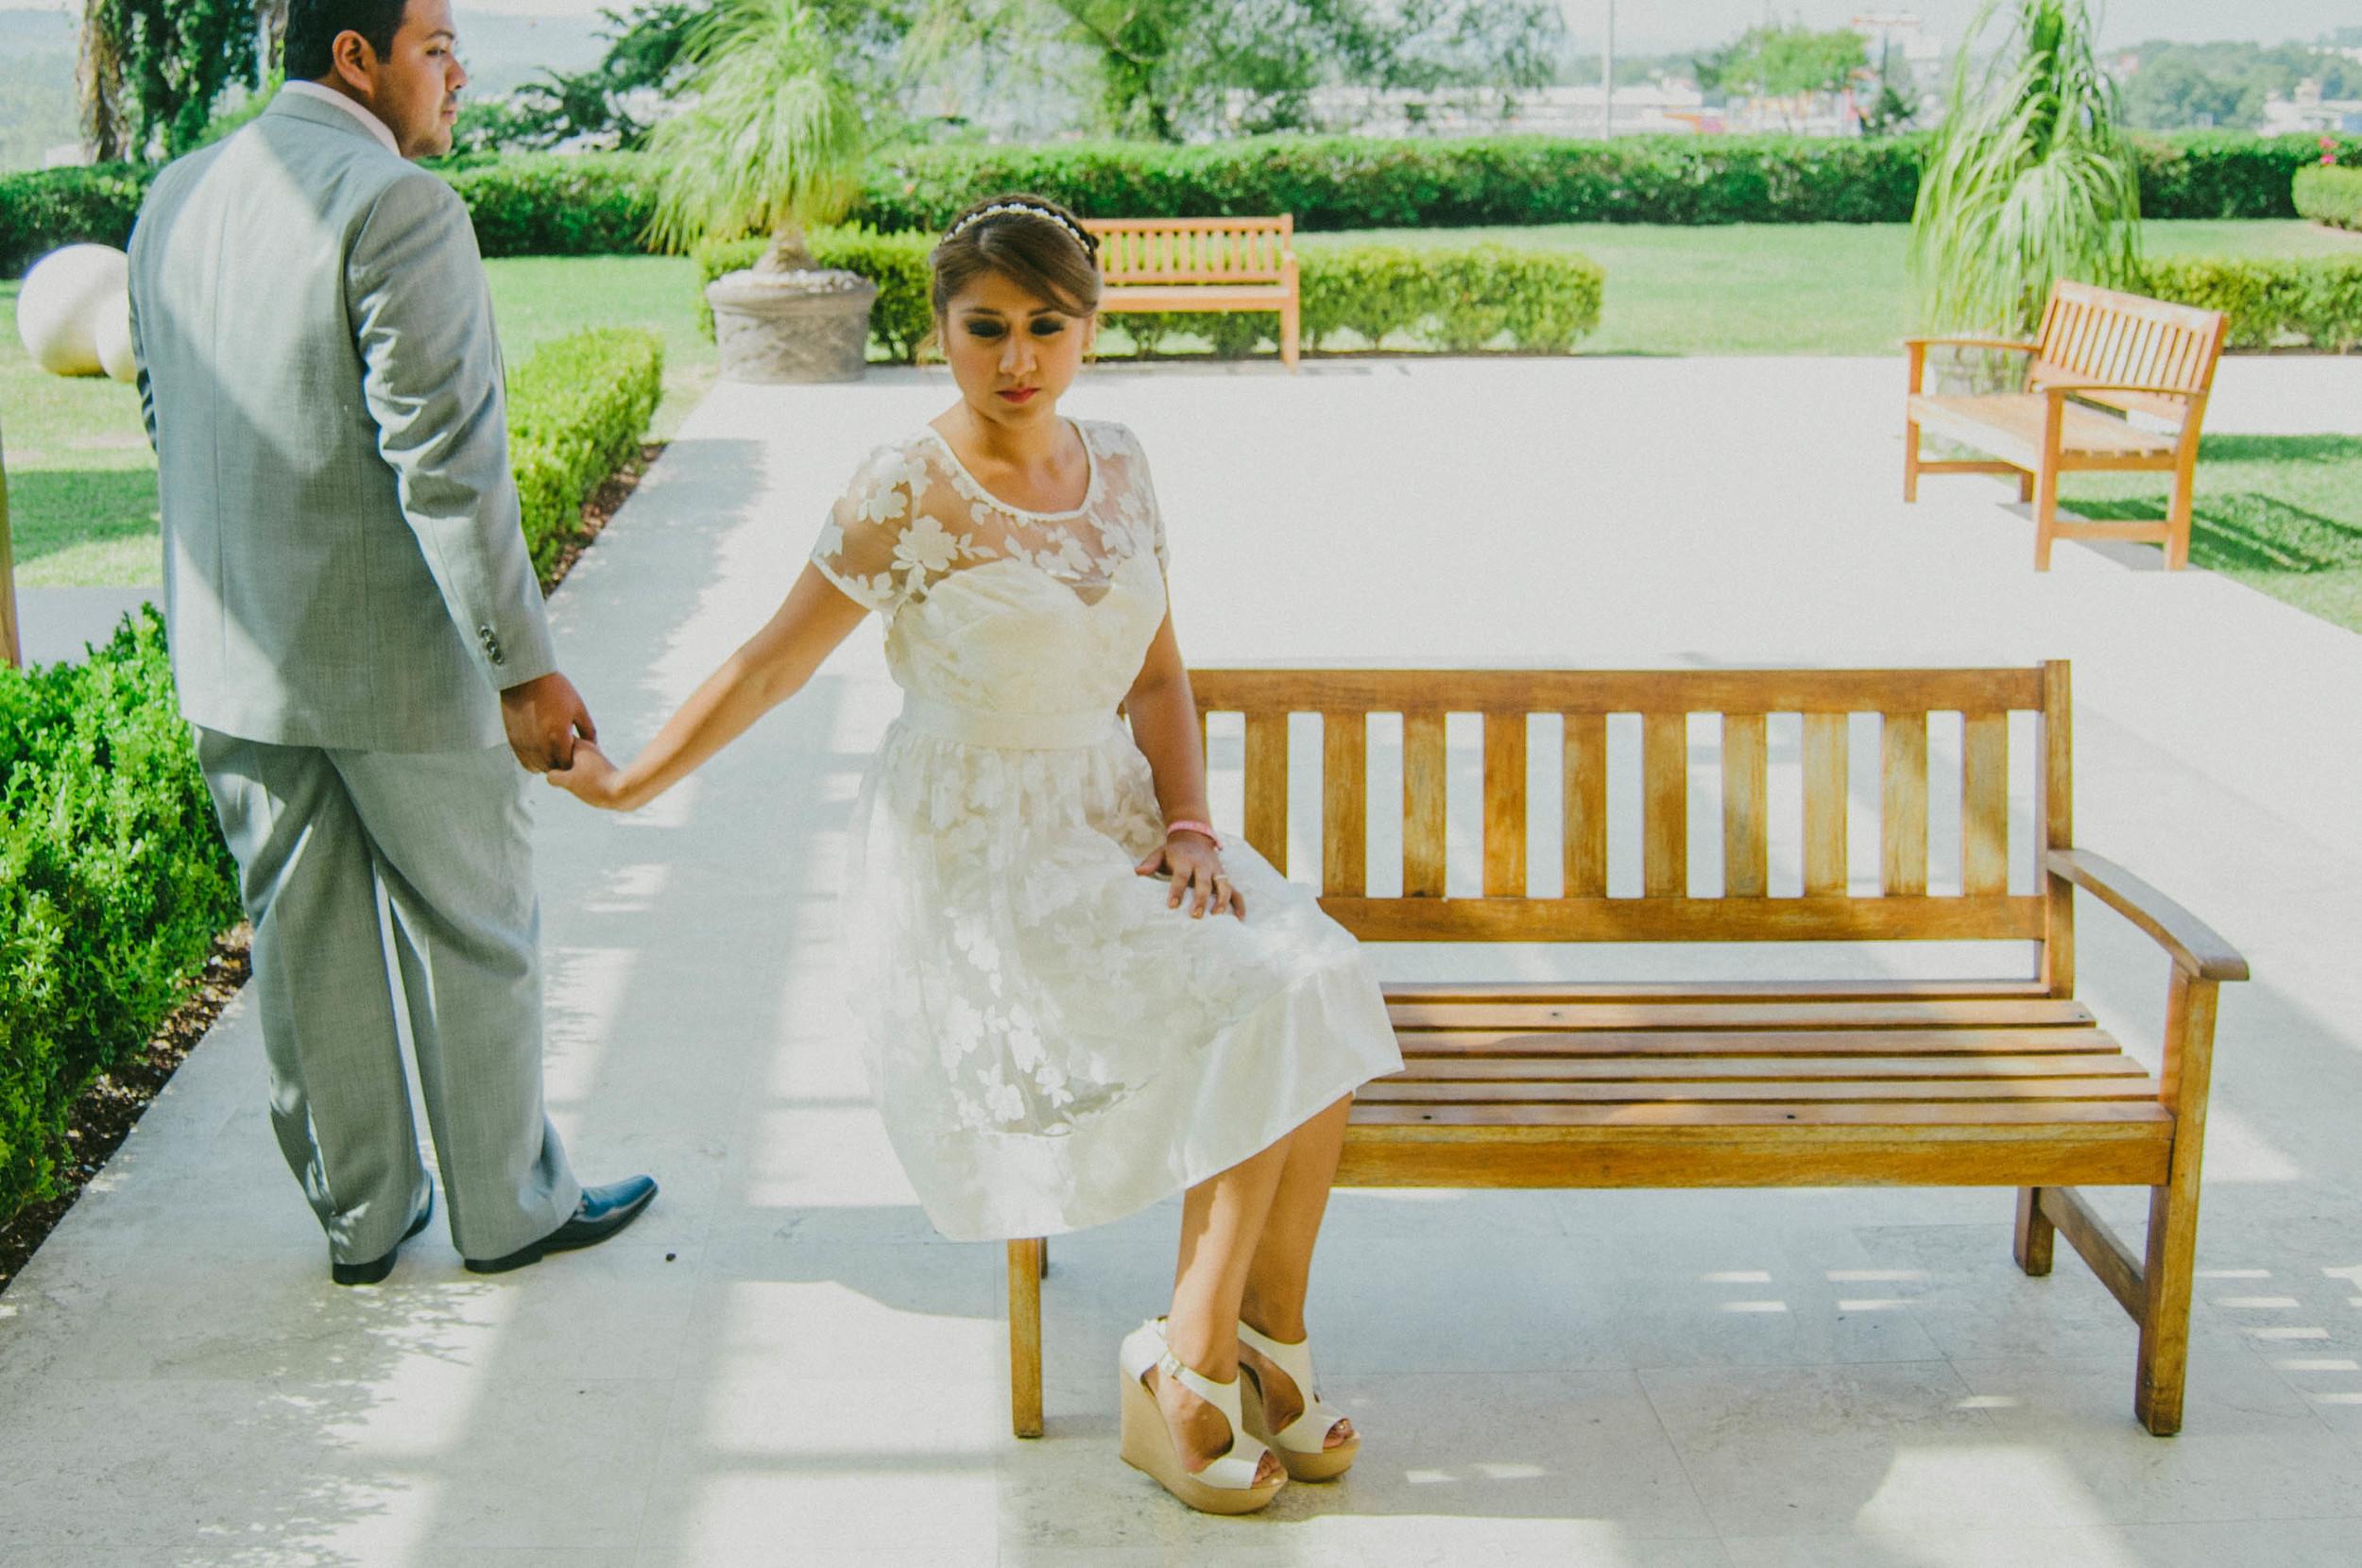 liliana y juan arturo - boda civil1.jpg